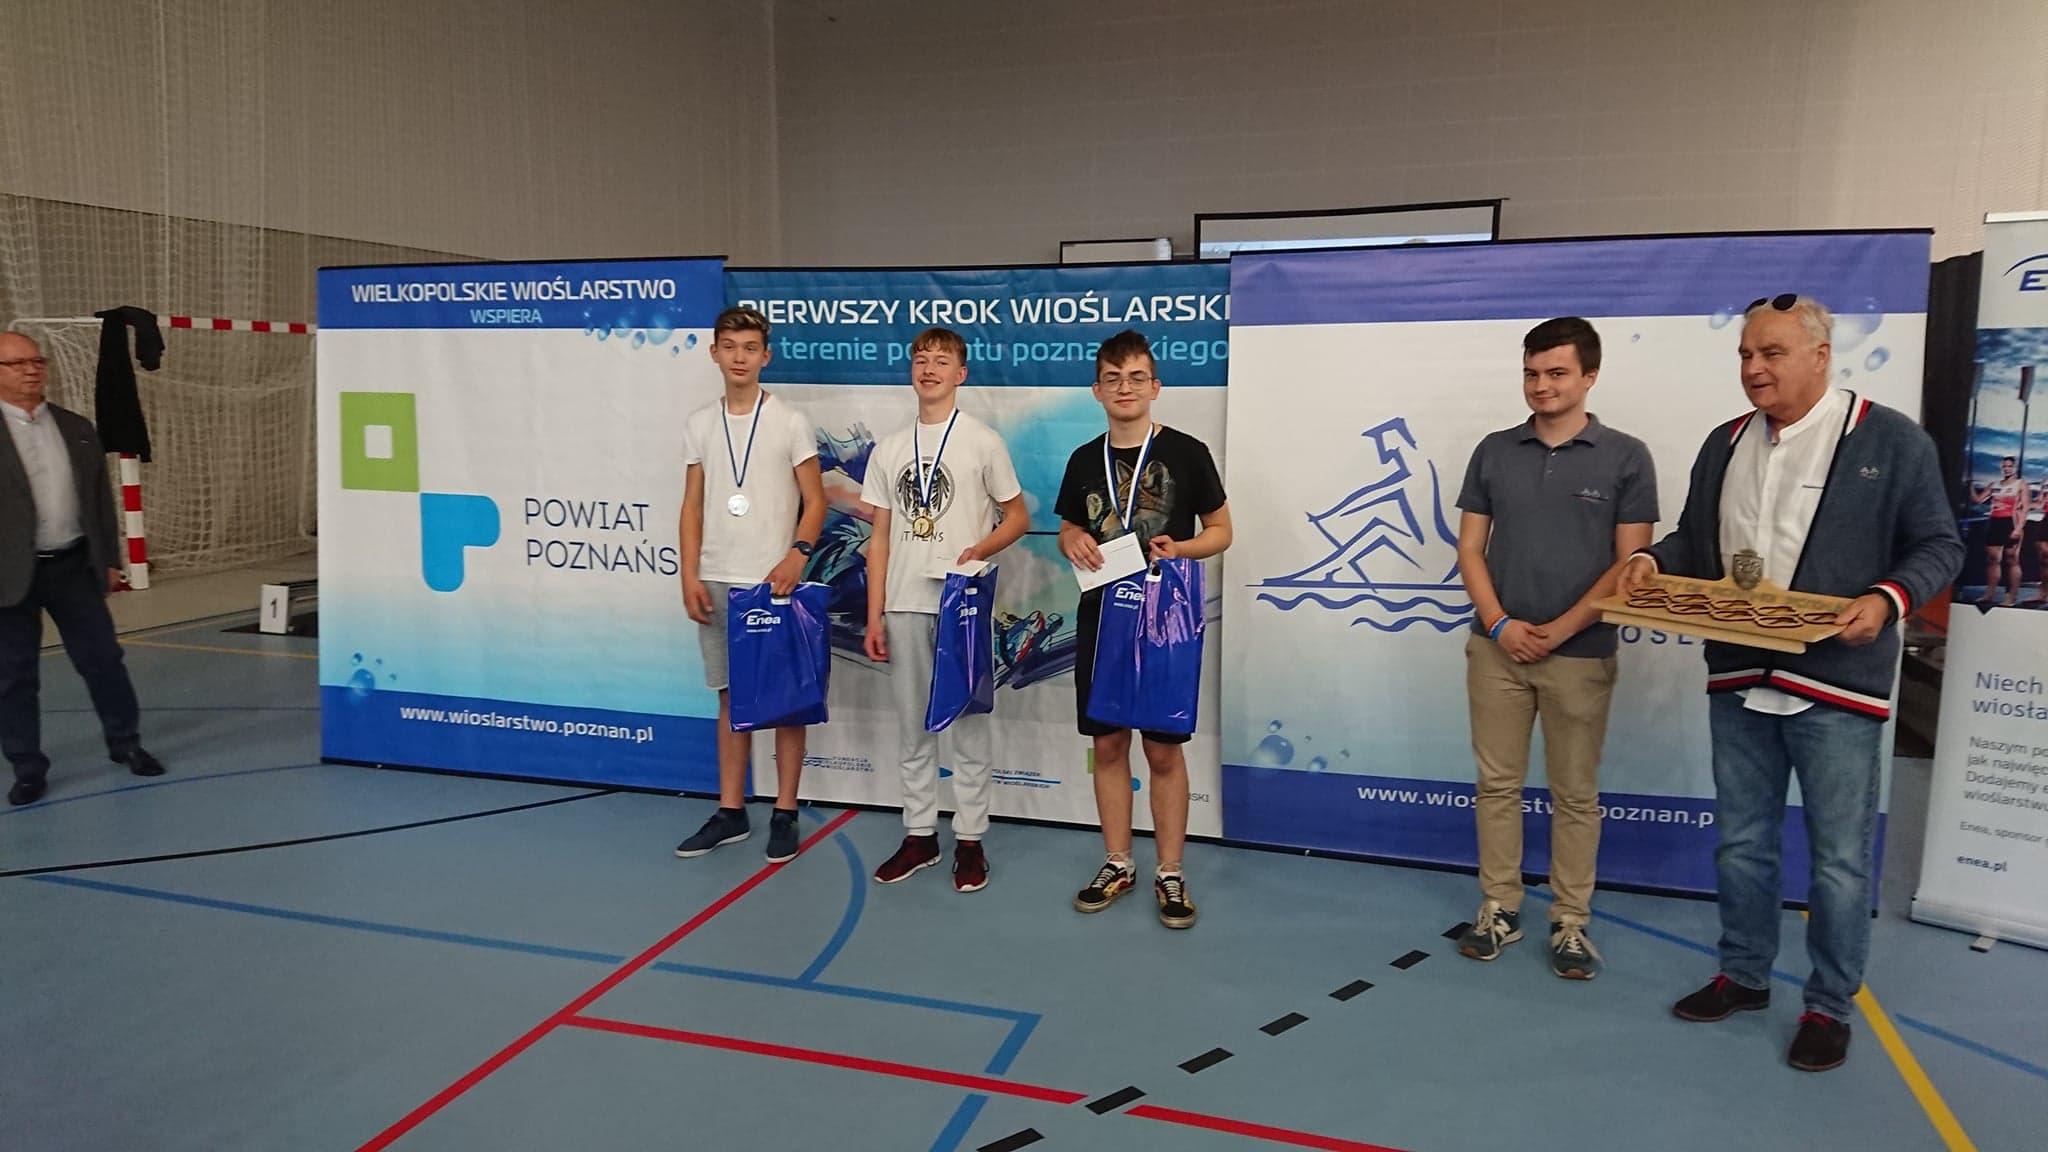 Podium dla reprezentacji chłopców podczas Finału  Mistrzostw Gminy Mosina  na Ergometrach Wioślarskich